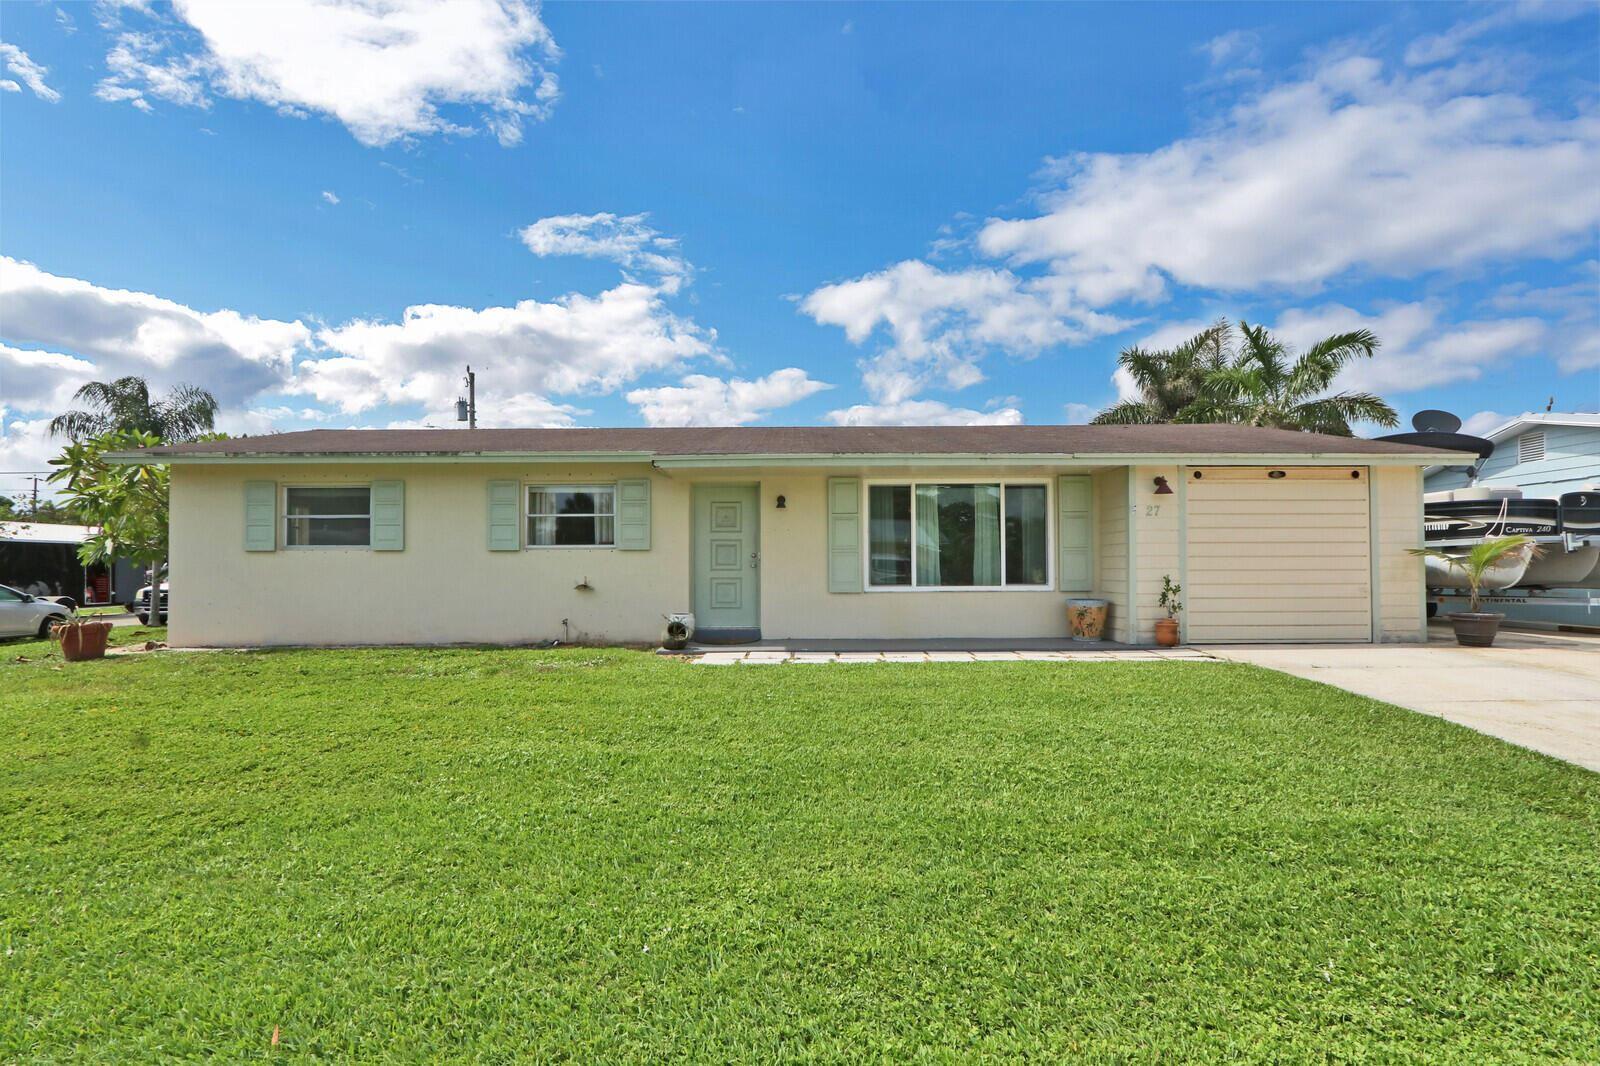 27 Ridgewood Circle, Tequesta, FL 33469 - MLS#: RX-10736698